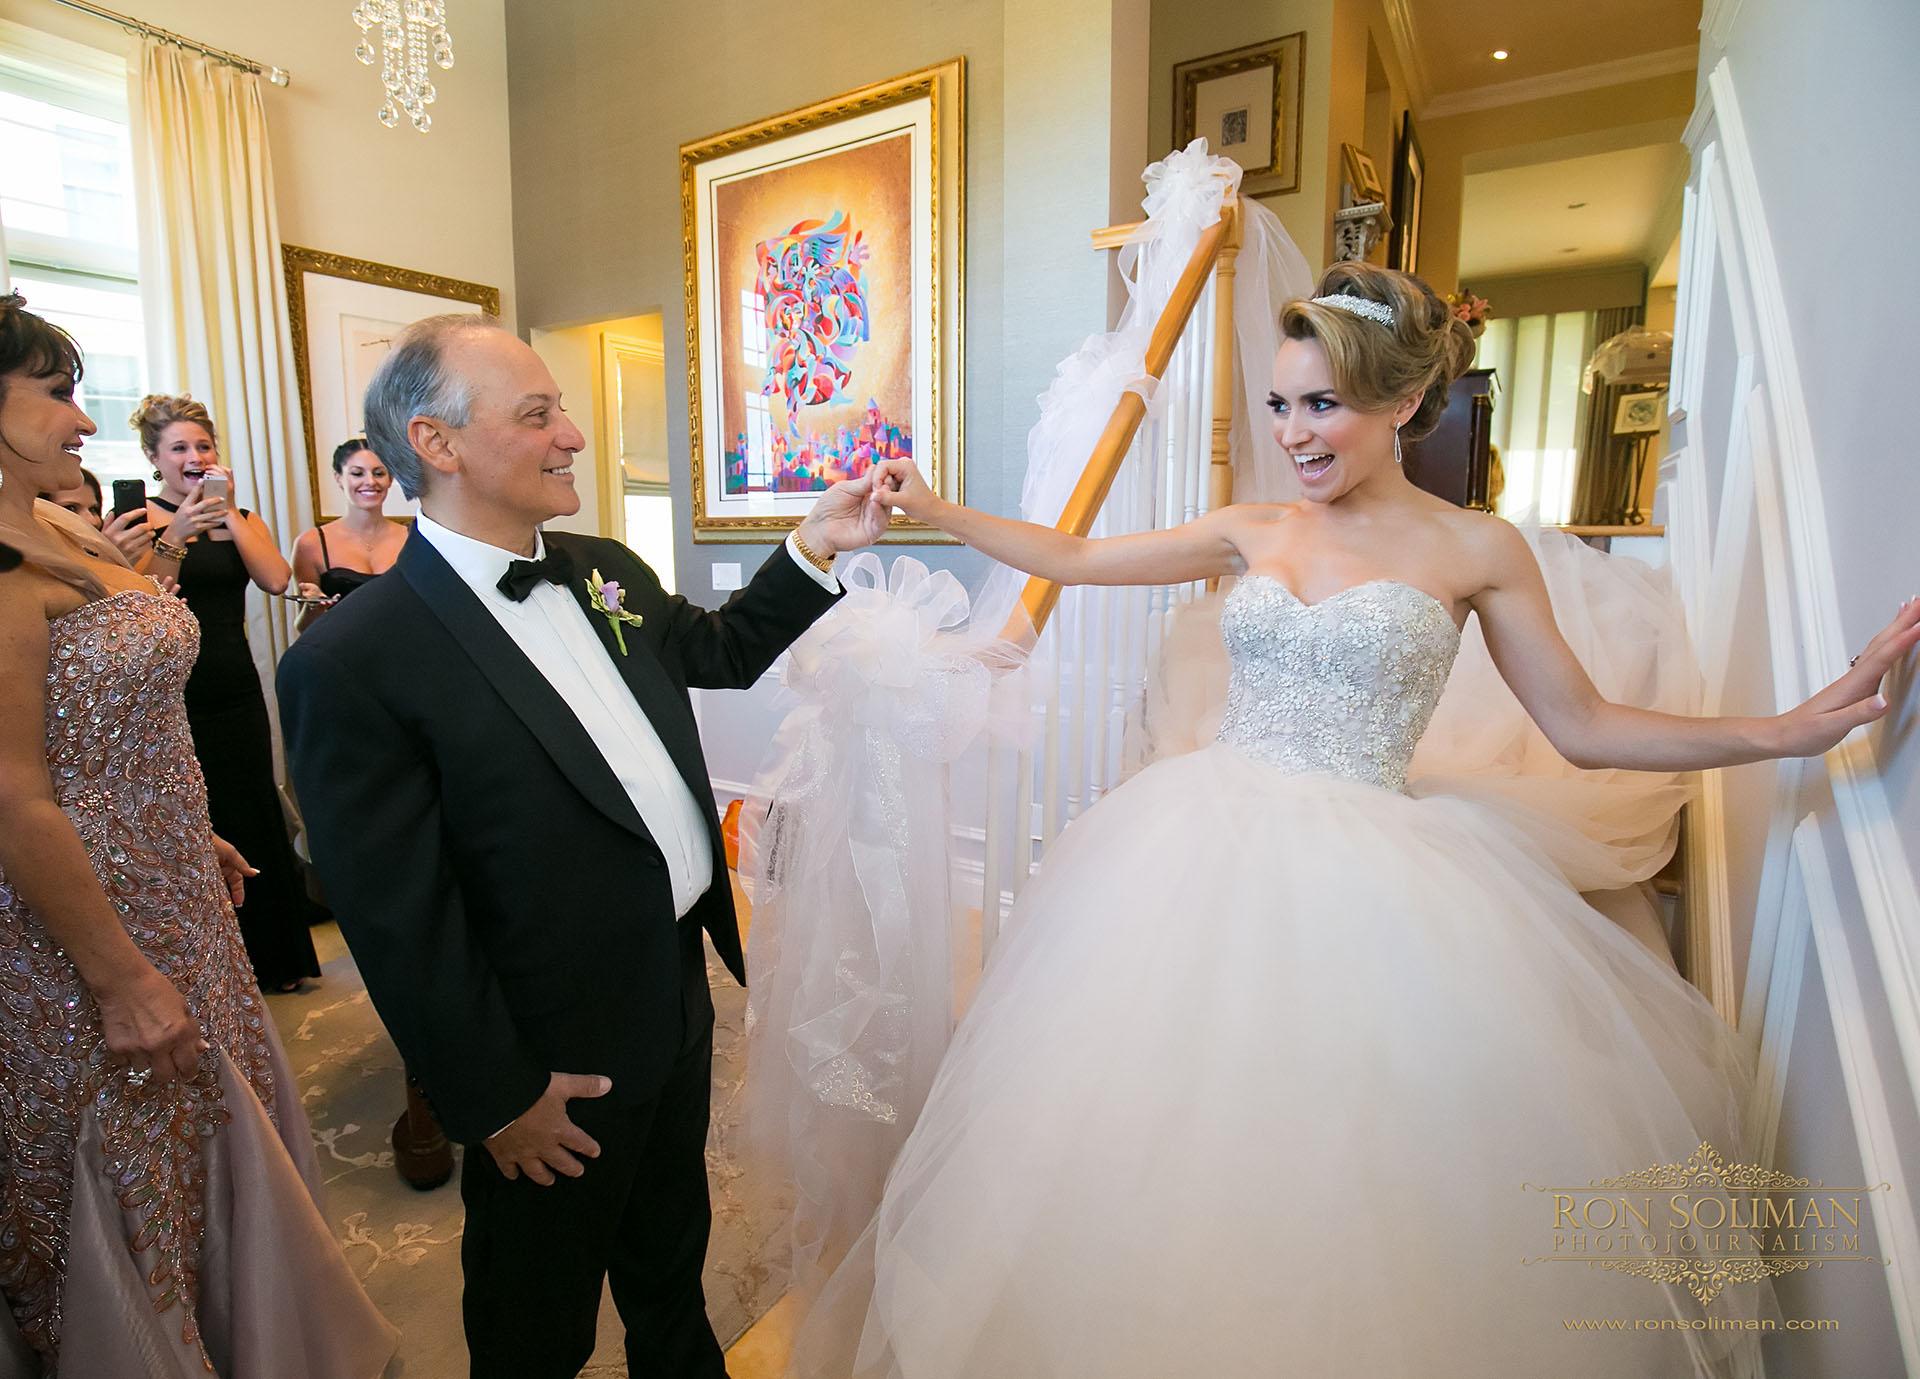 FLORENTINE GARDENS WEDDING 15